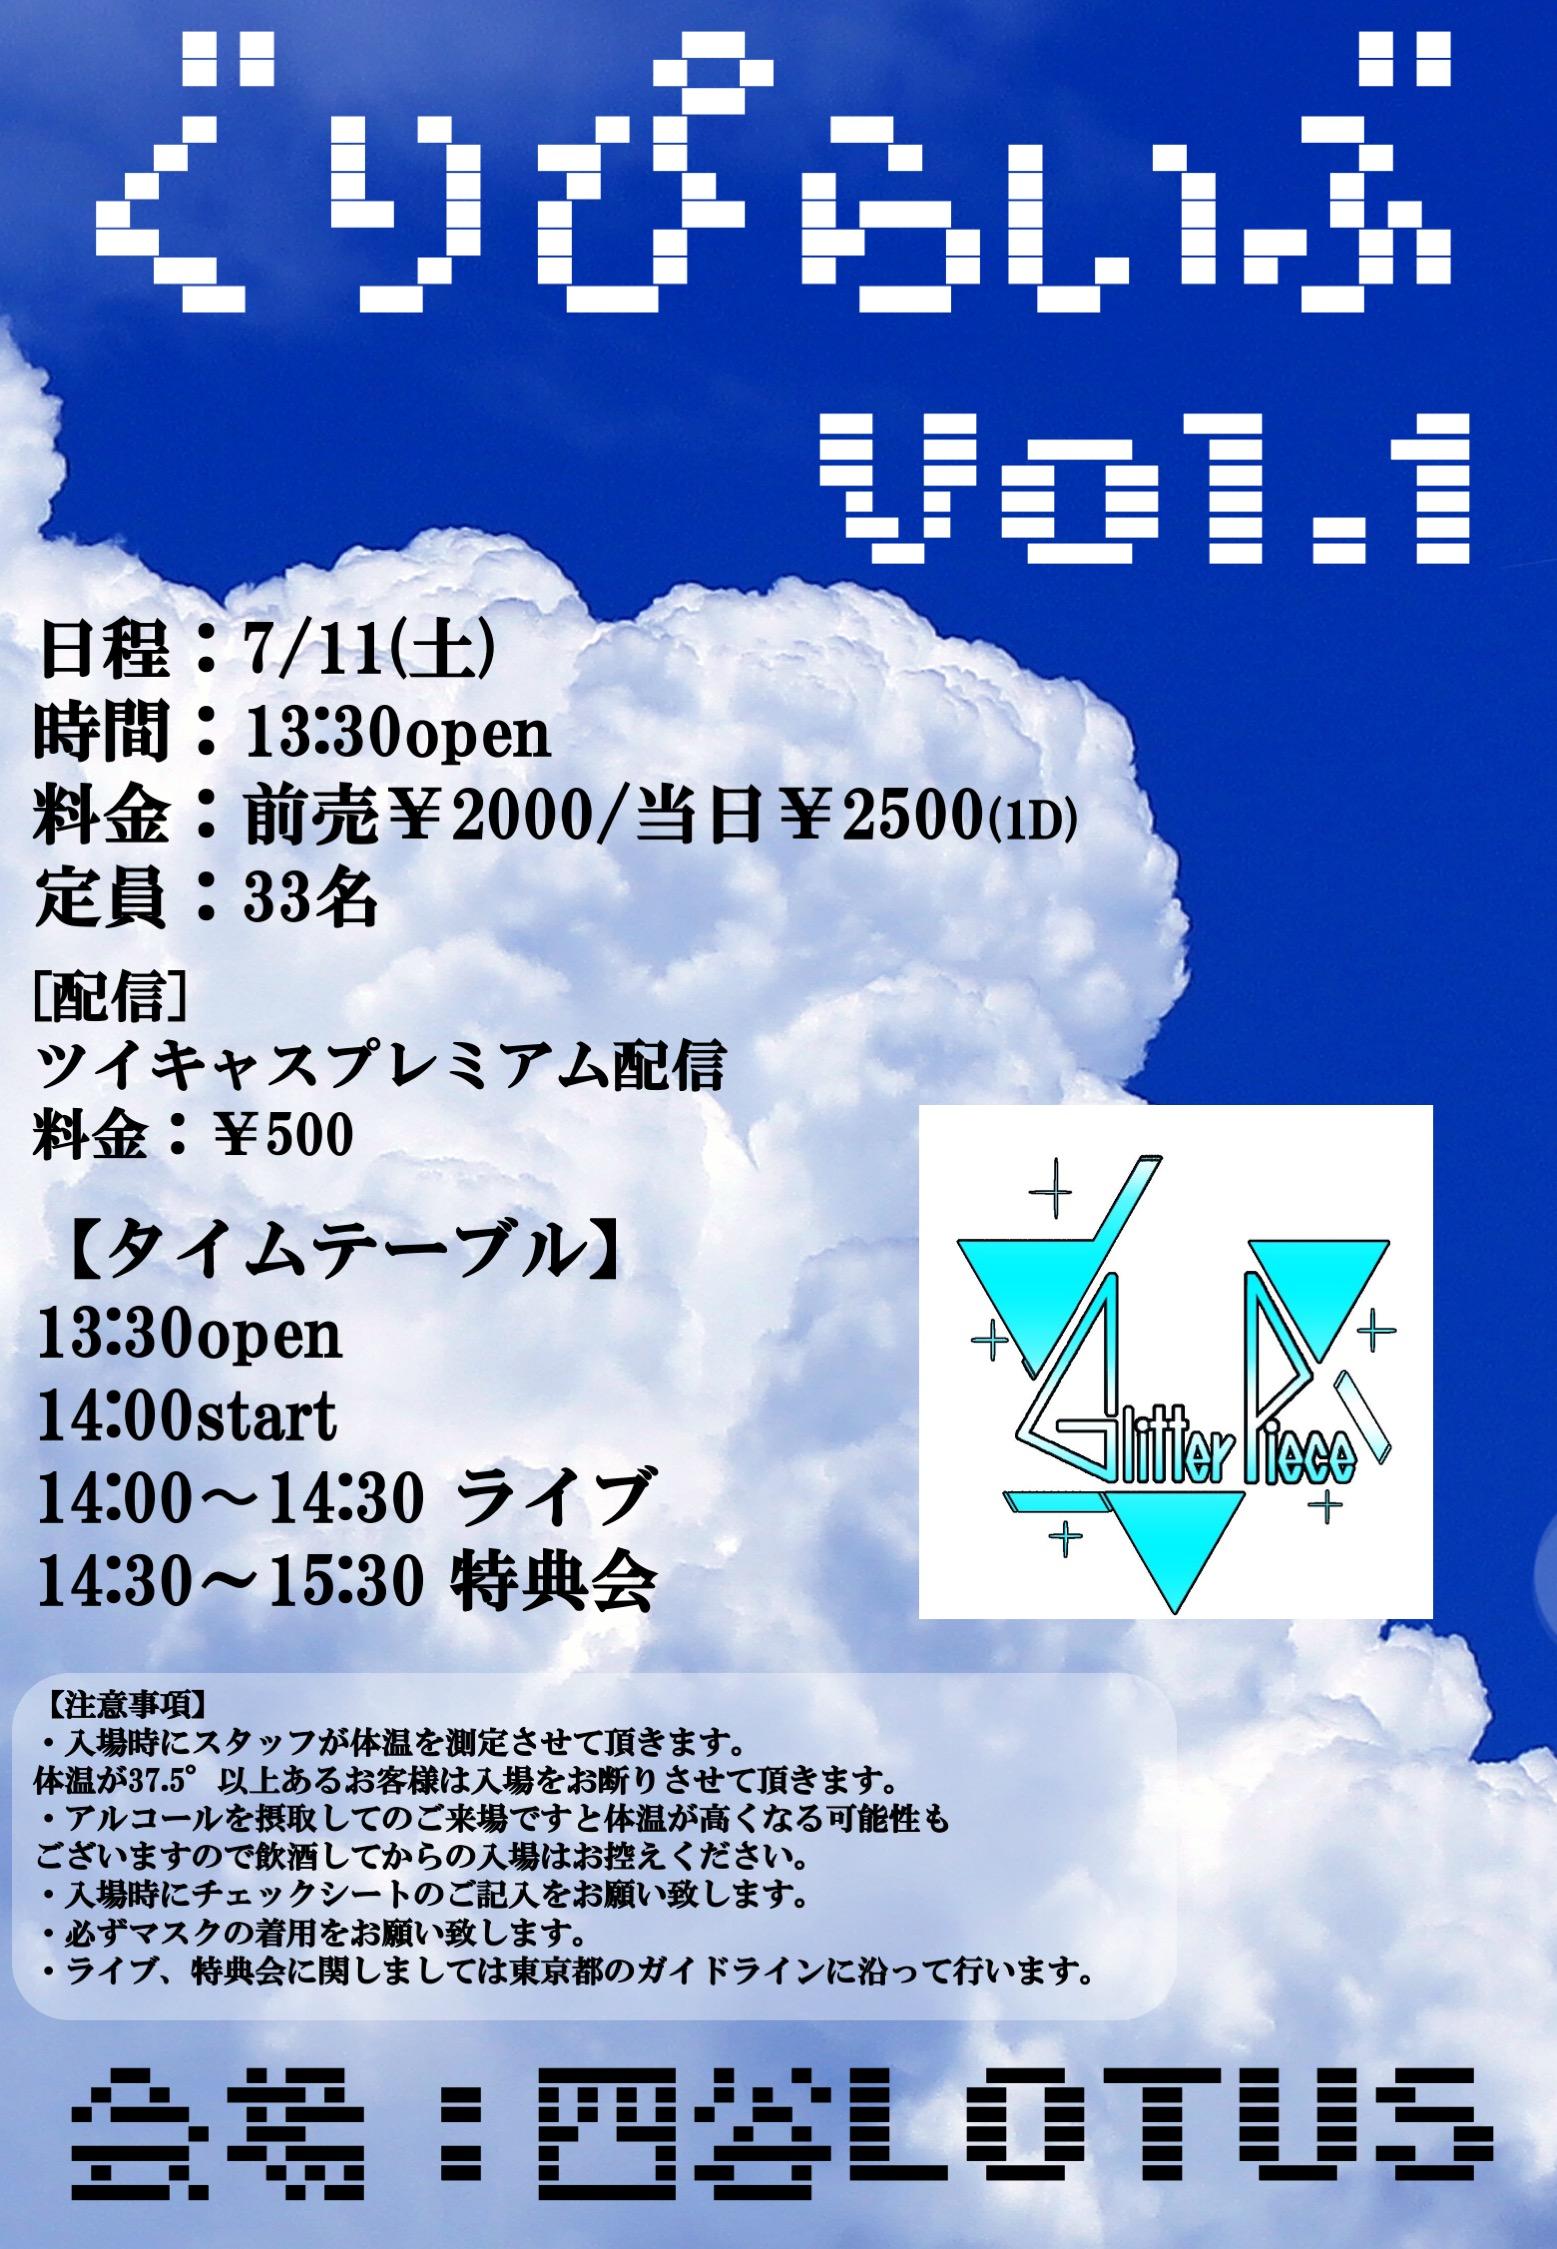 ぐりぴらいぶVol.1